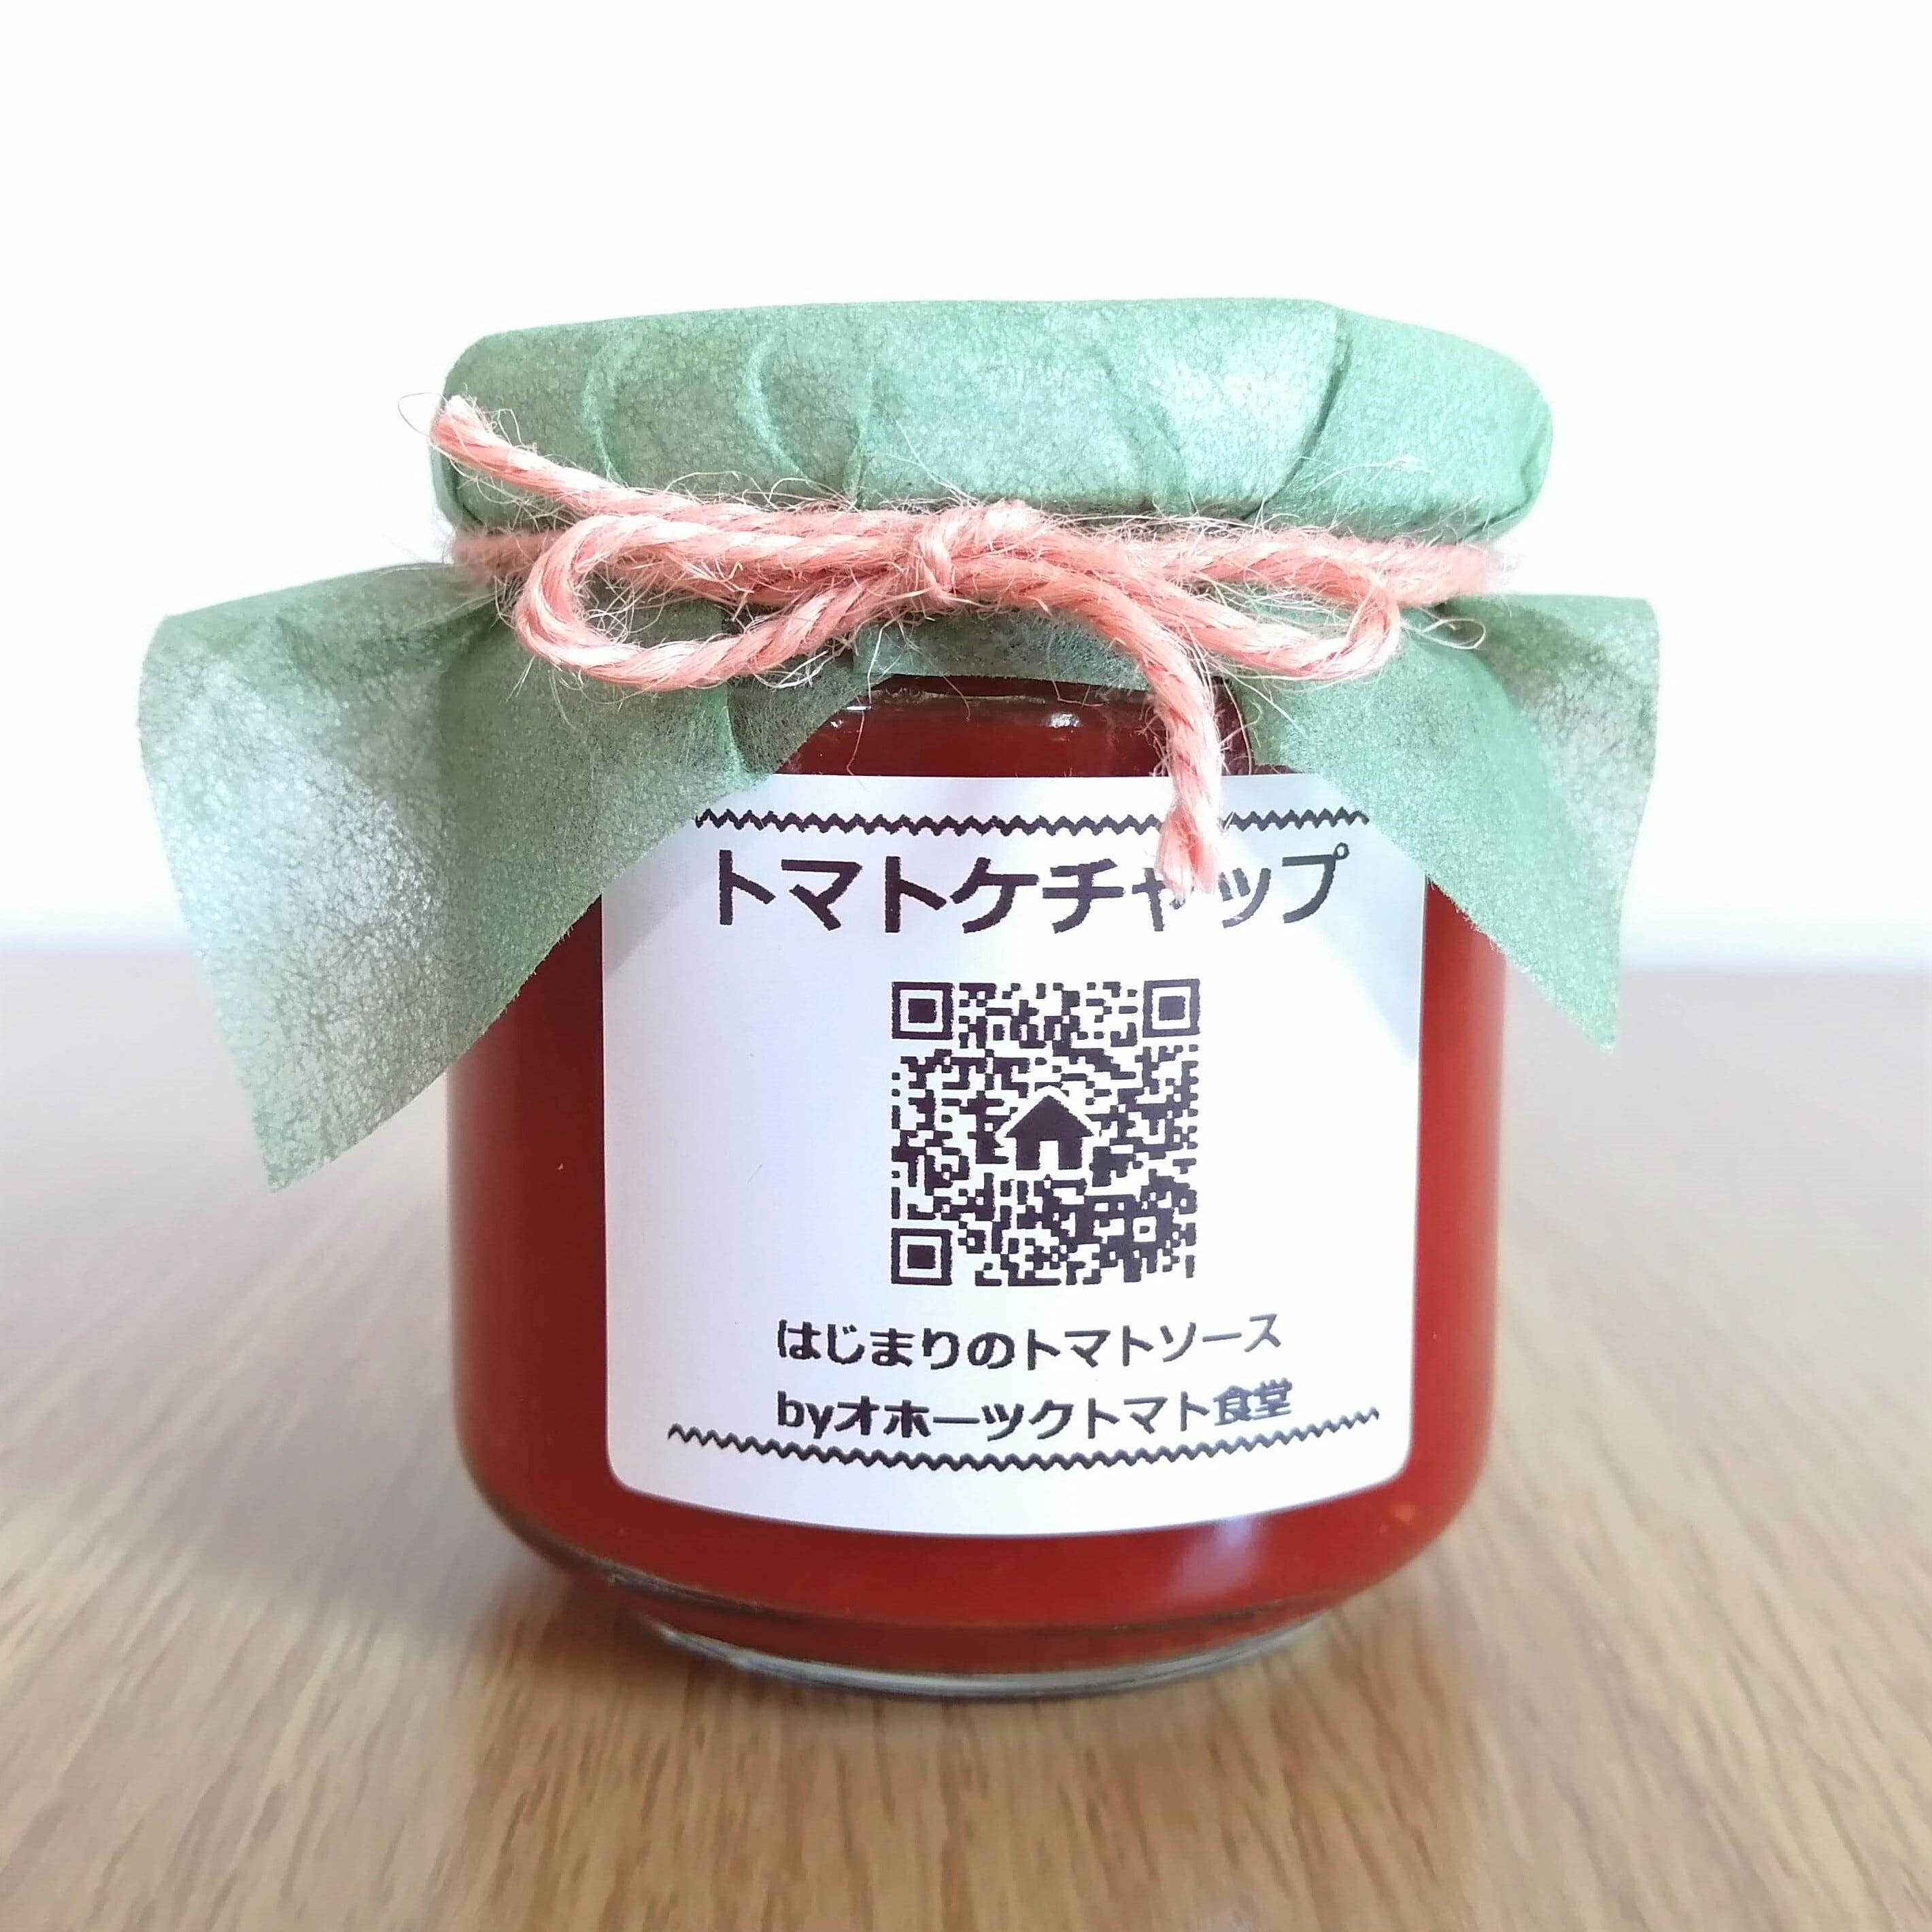 オホーツク北見産トマトのやさしいトマトケチャップ 150g